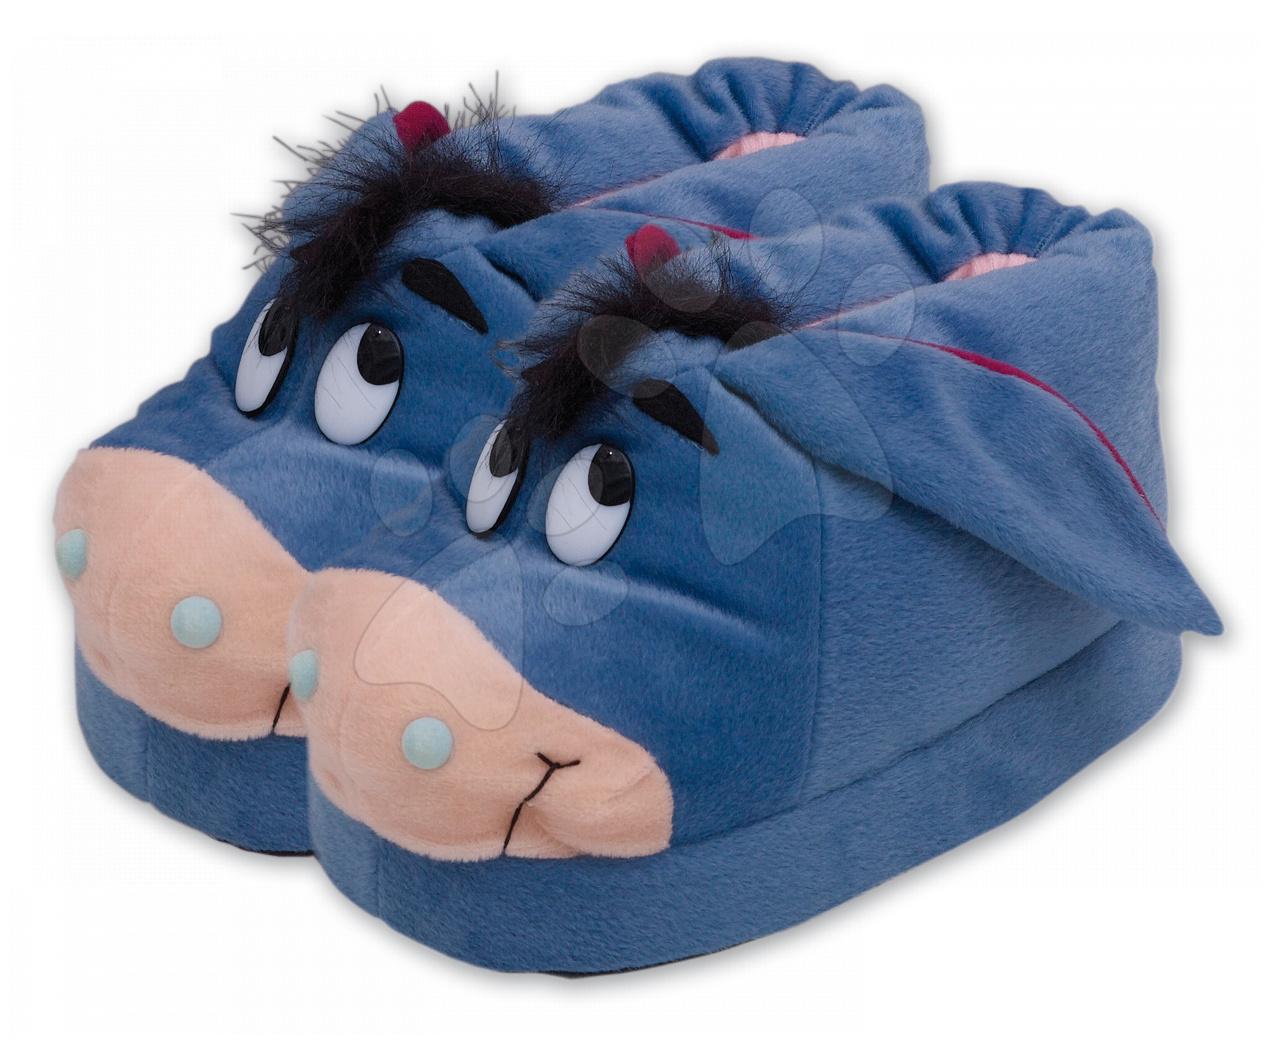 Staré položky - Plyšové papuče Macko Pooh - Somárik Ilanit veľkosť 33-35